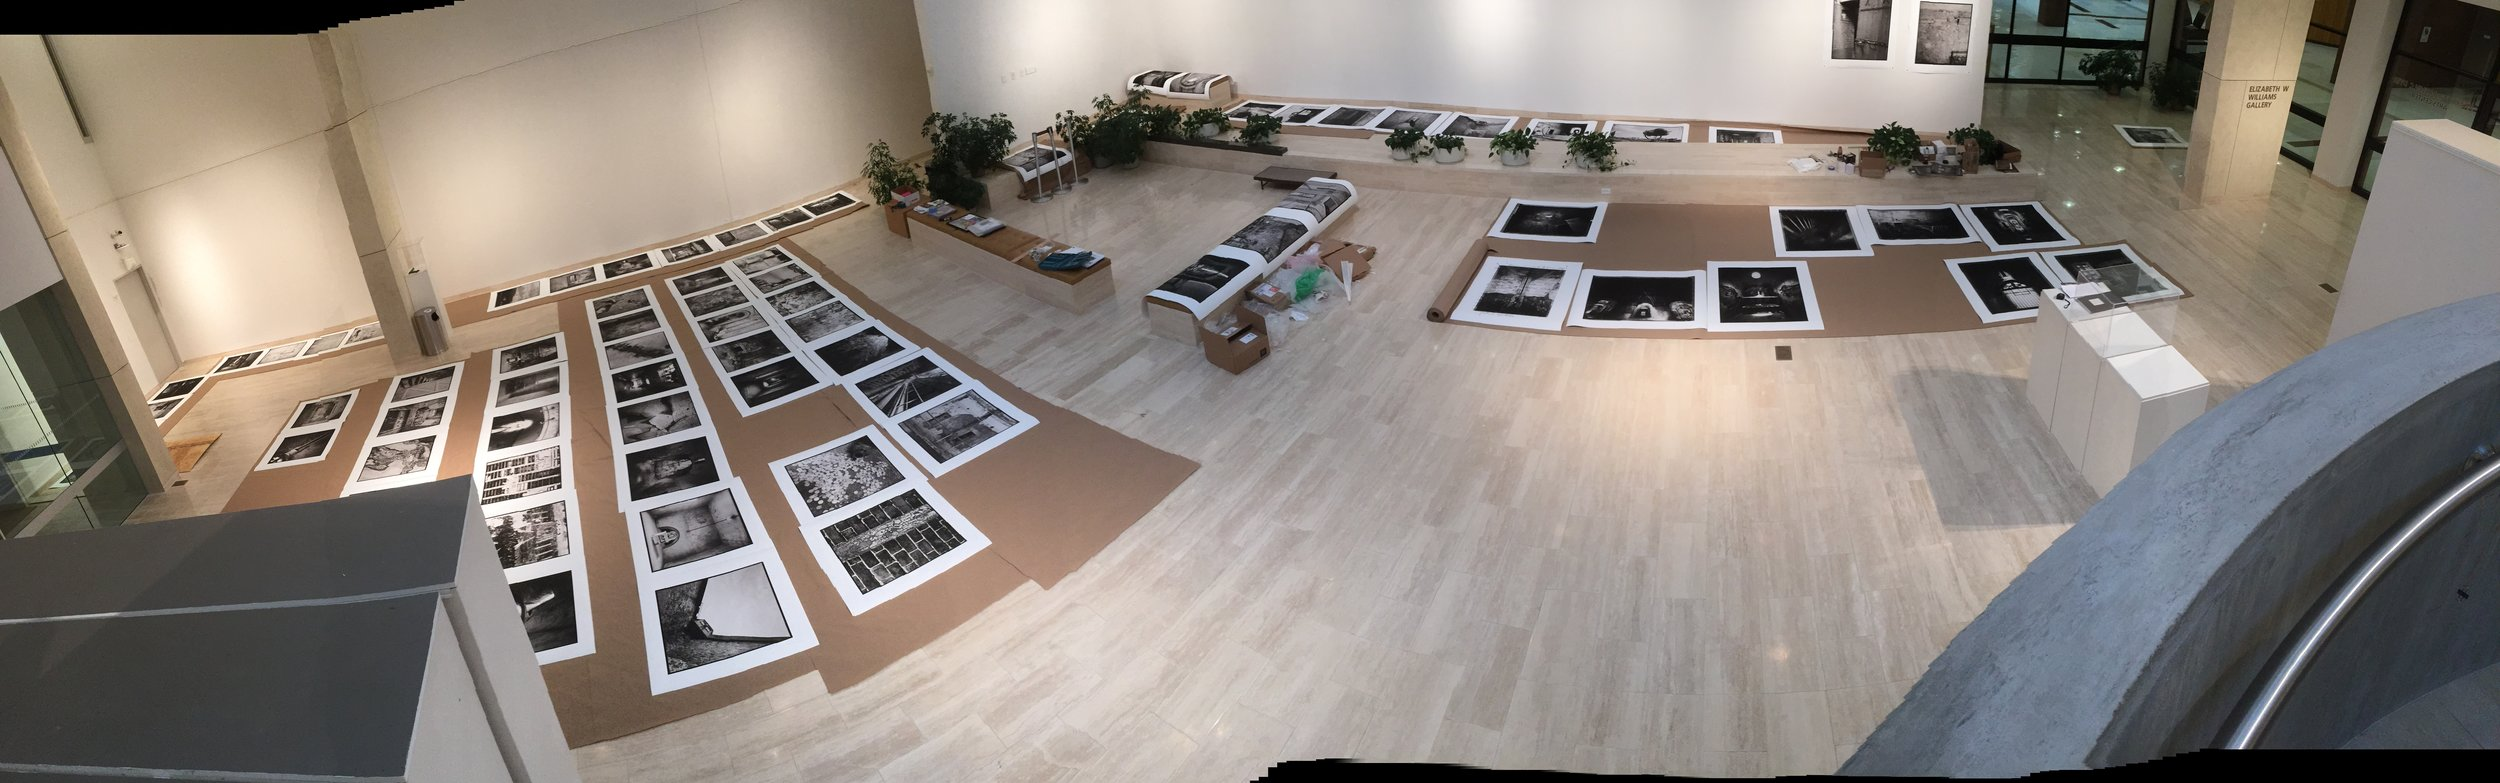 Installation in progress at Dyer Arts Center, 2014